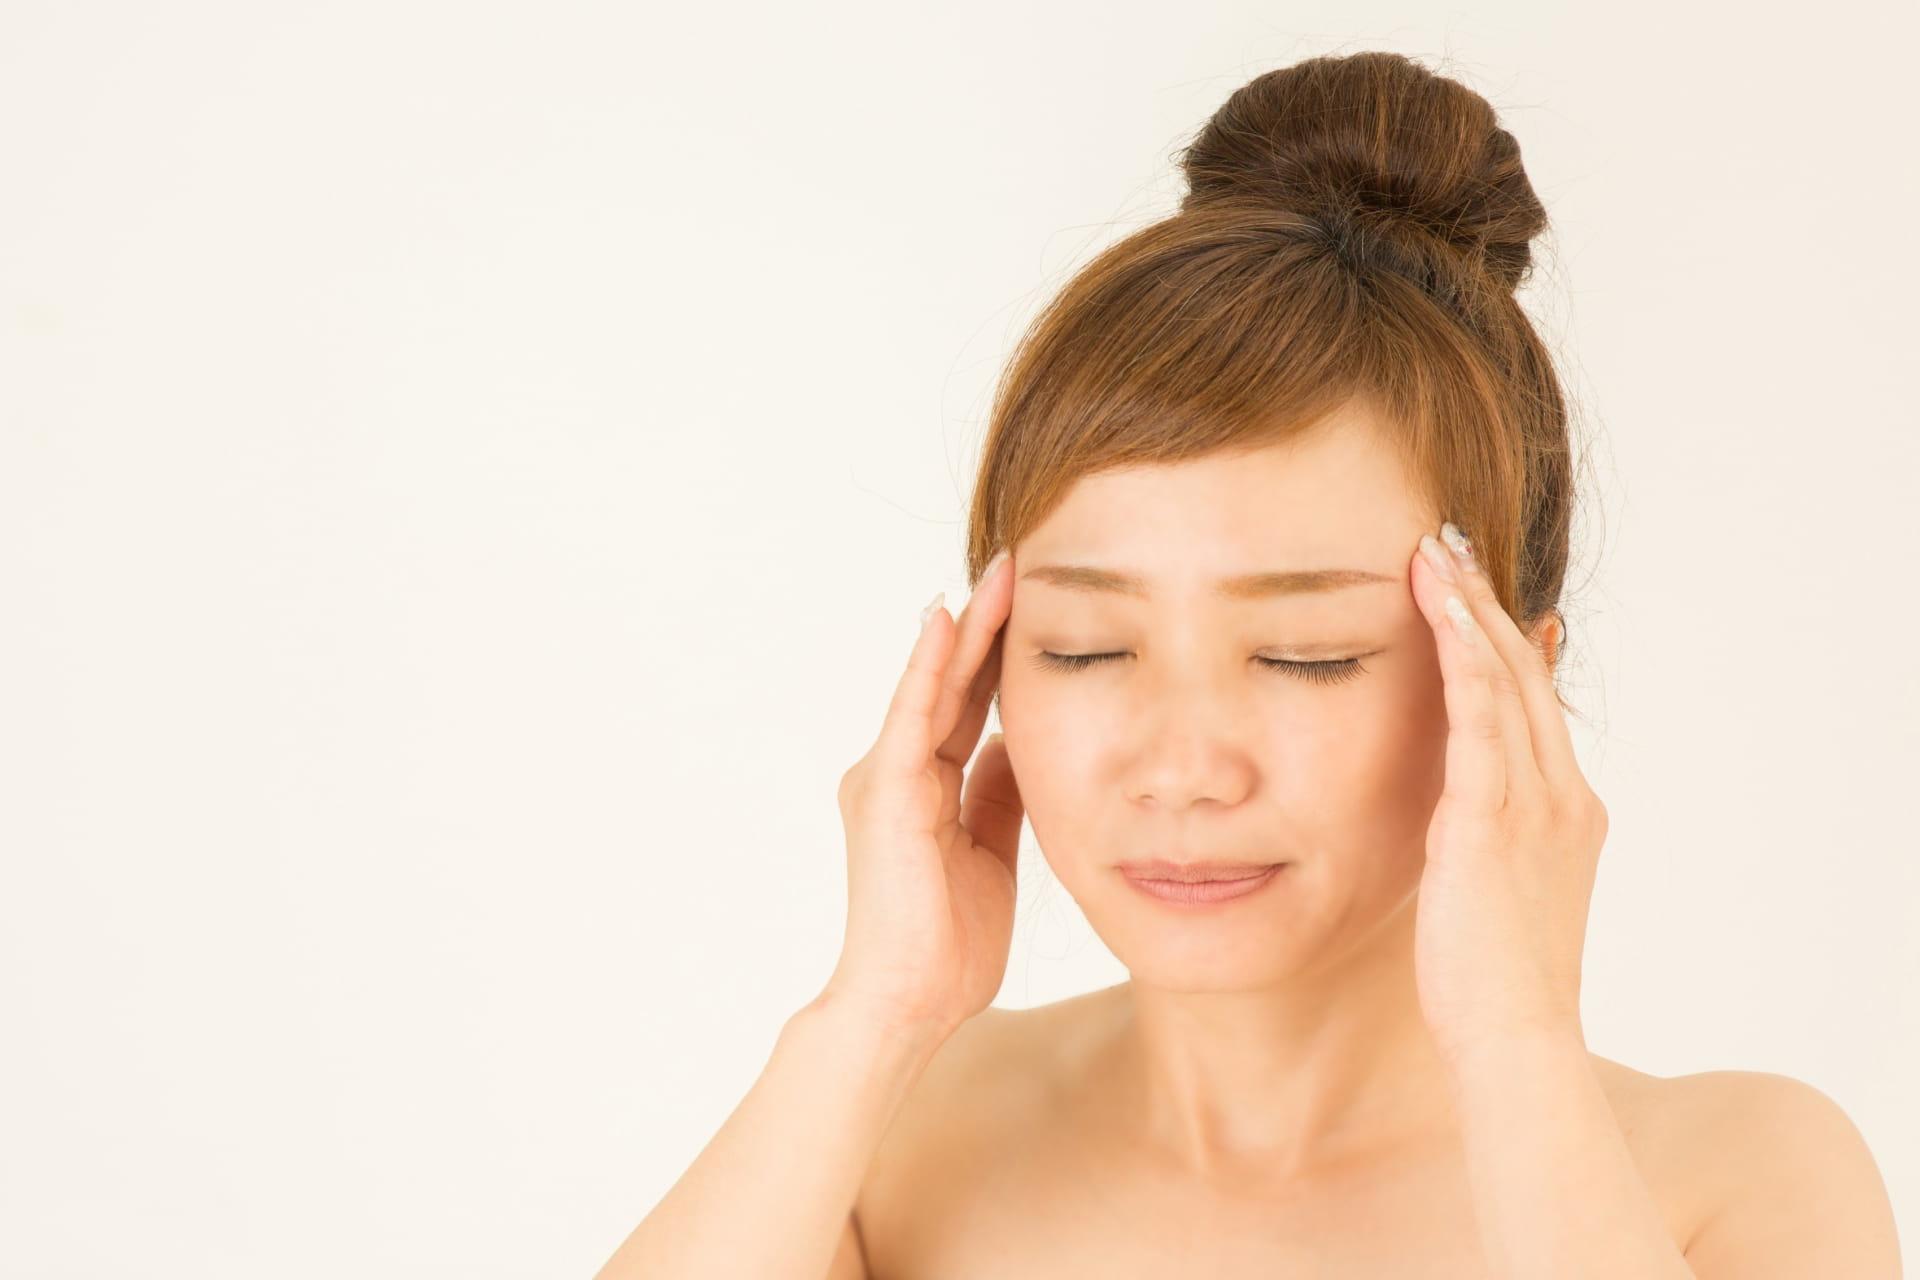 こめかみ 頭痛 原因